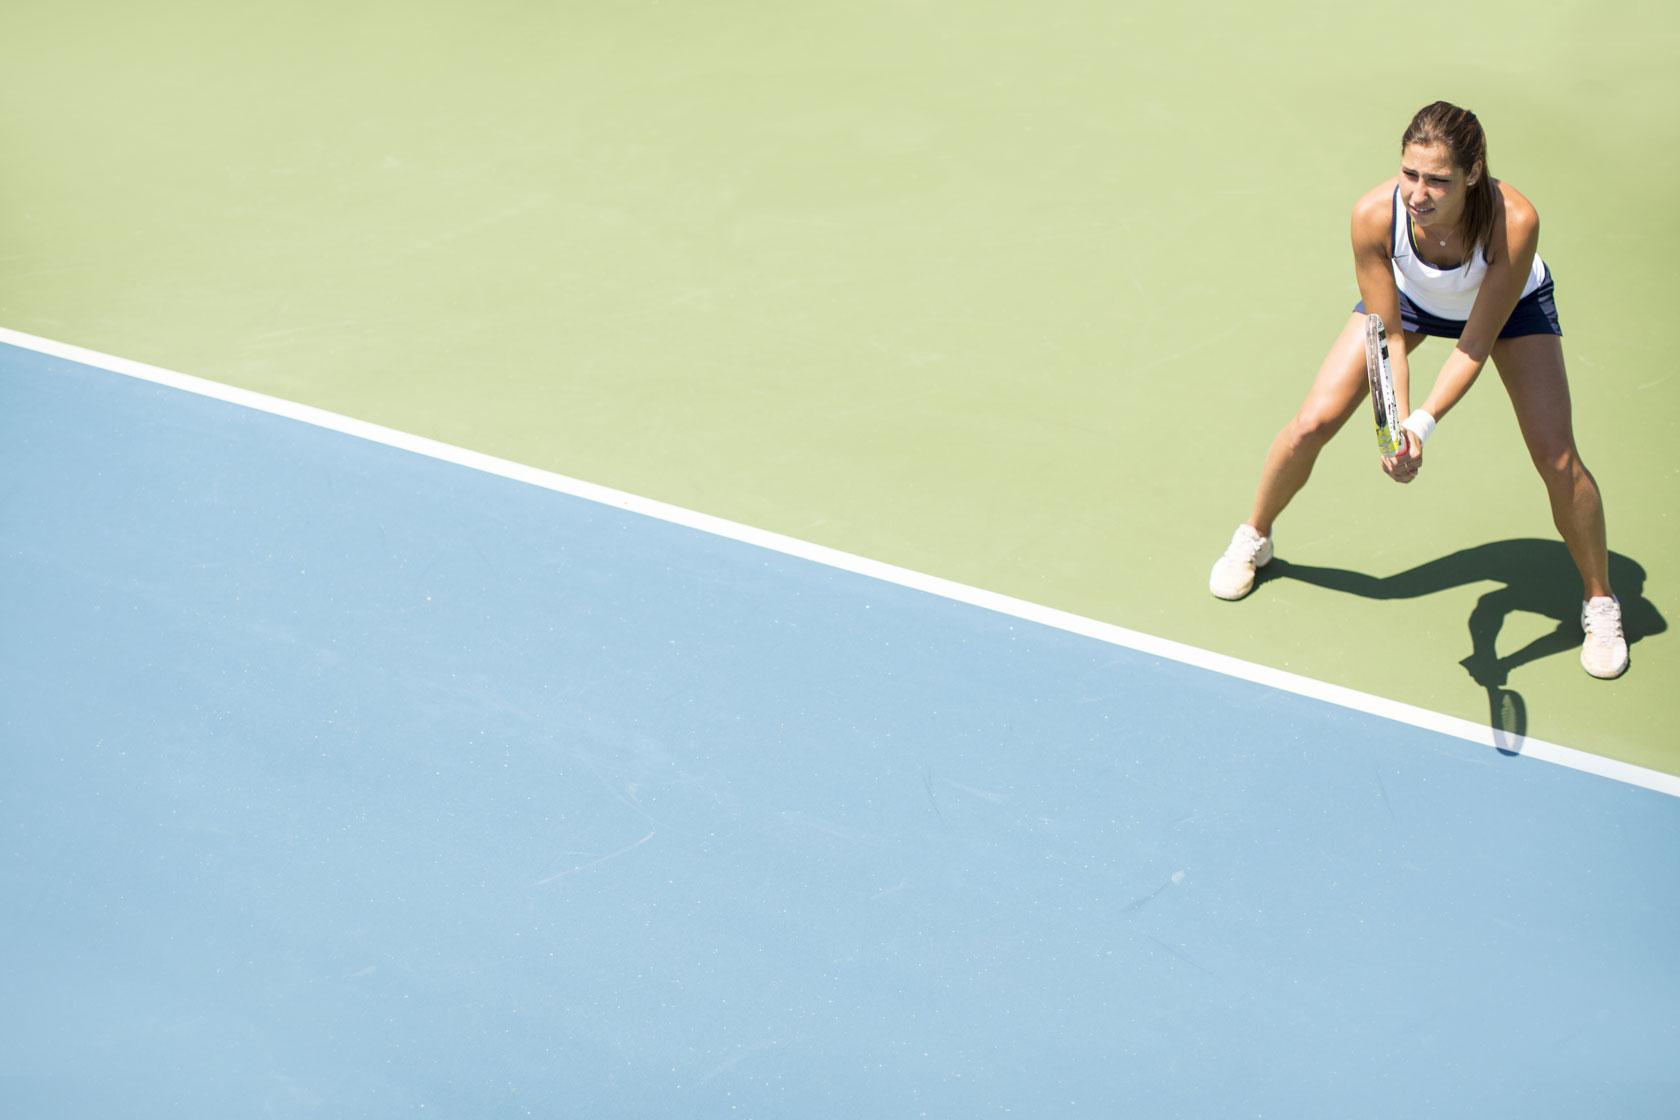 Migliorare nel tennis - I capi di abbigliamento bio-funzionale portano grandi benefici alla prestazione